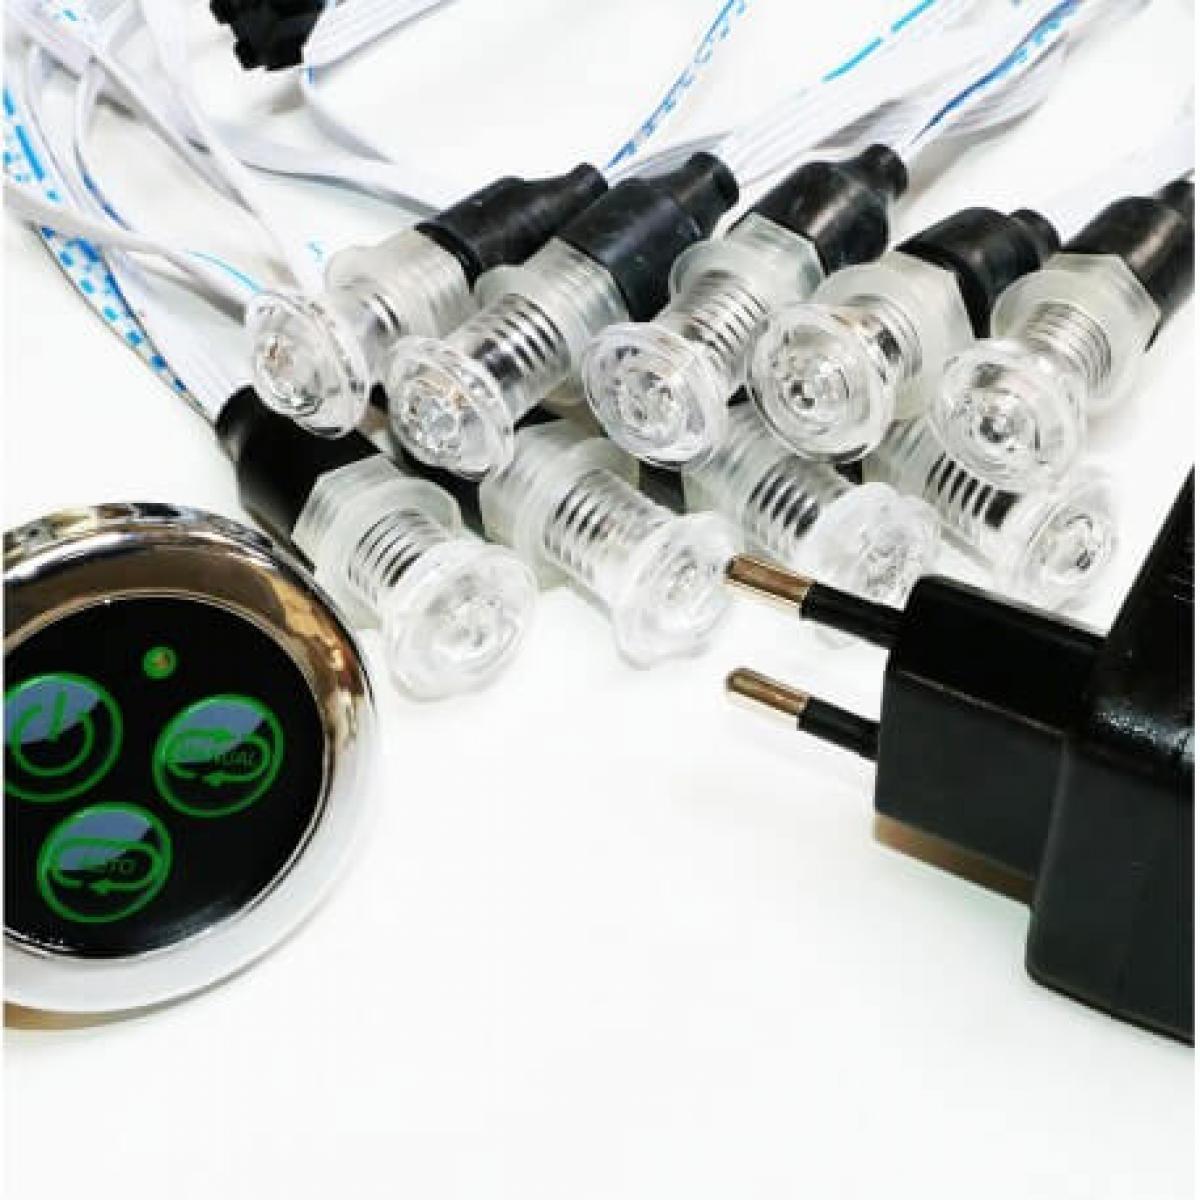 Desineo Lot de 9 luminaires chromothérapie étanches IP68 12V pour tous milieux humides